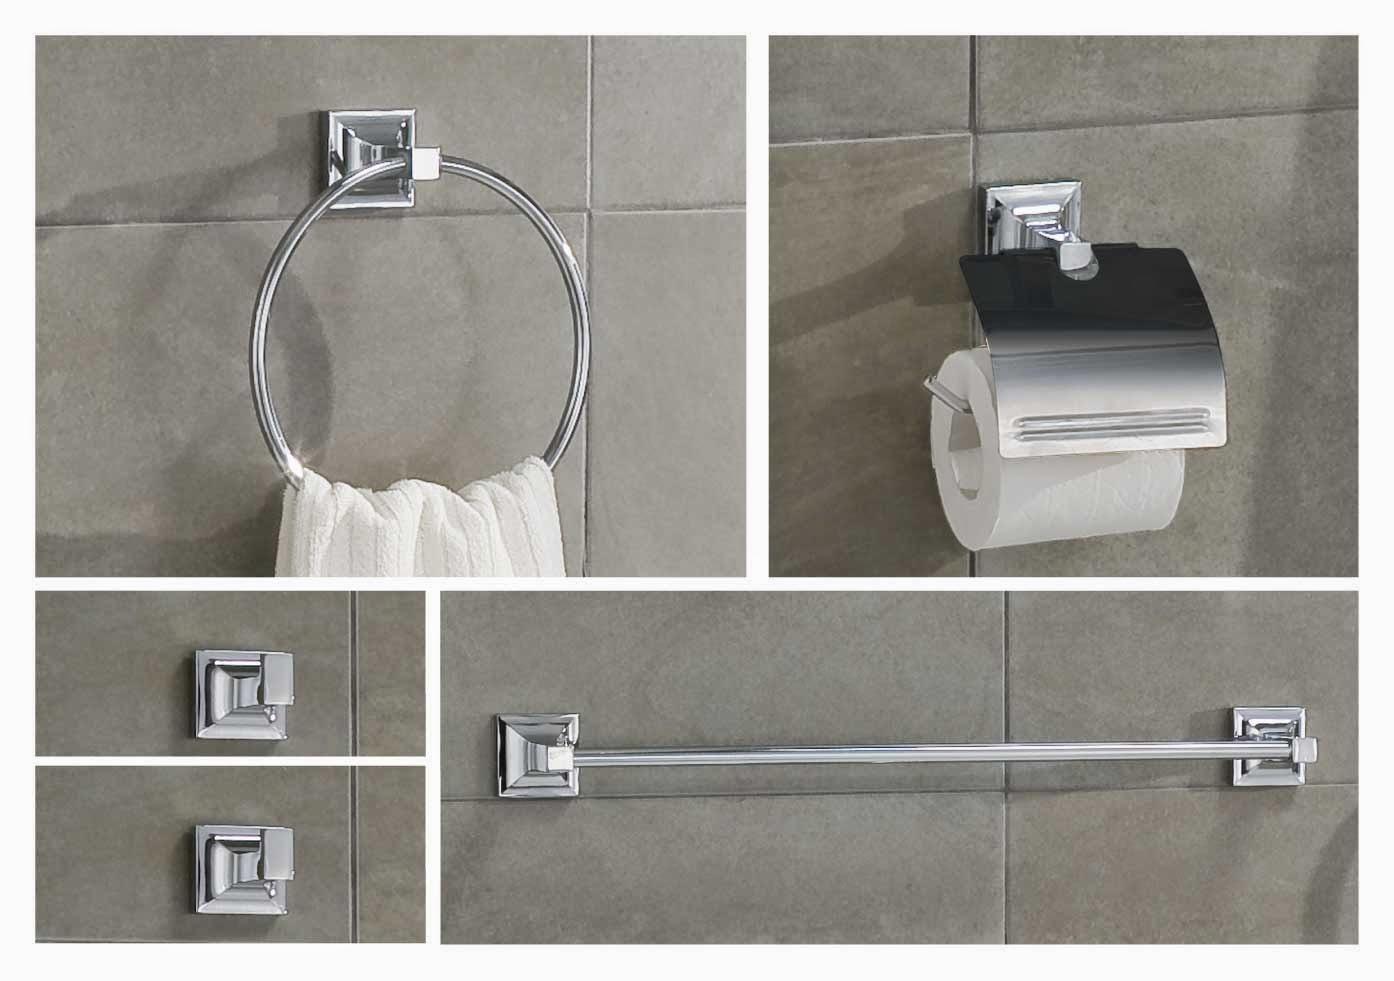 C mo instalar accesorios del ba o ferrelec for Griferias y accesorios para banos